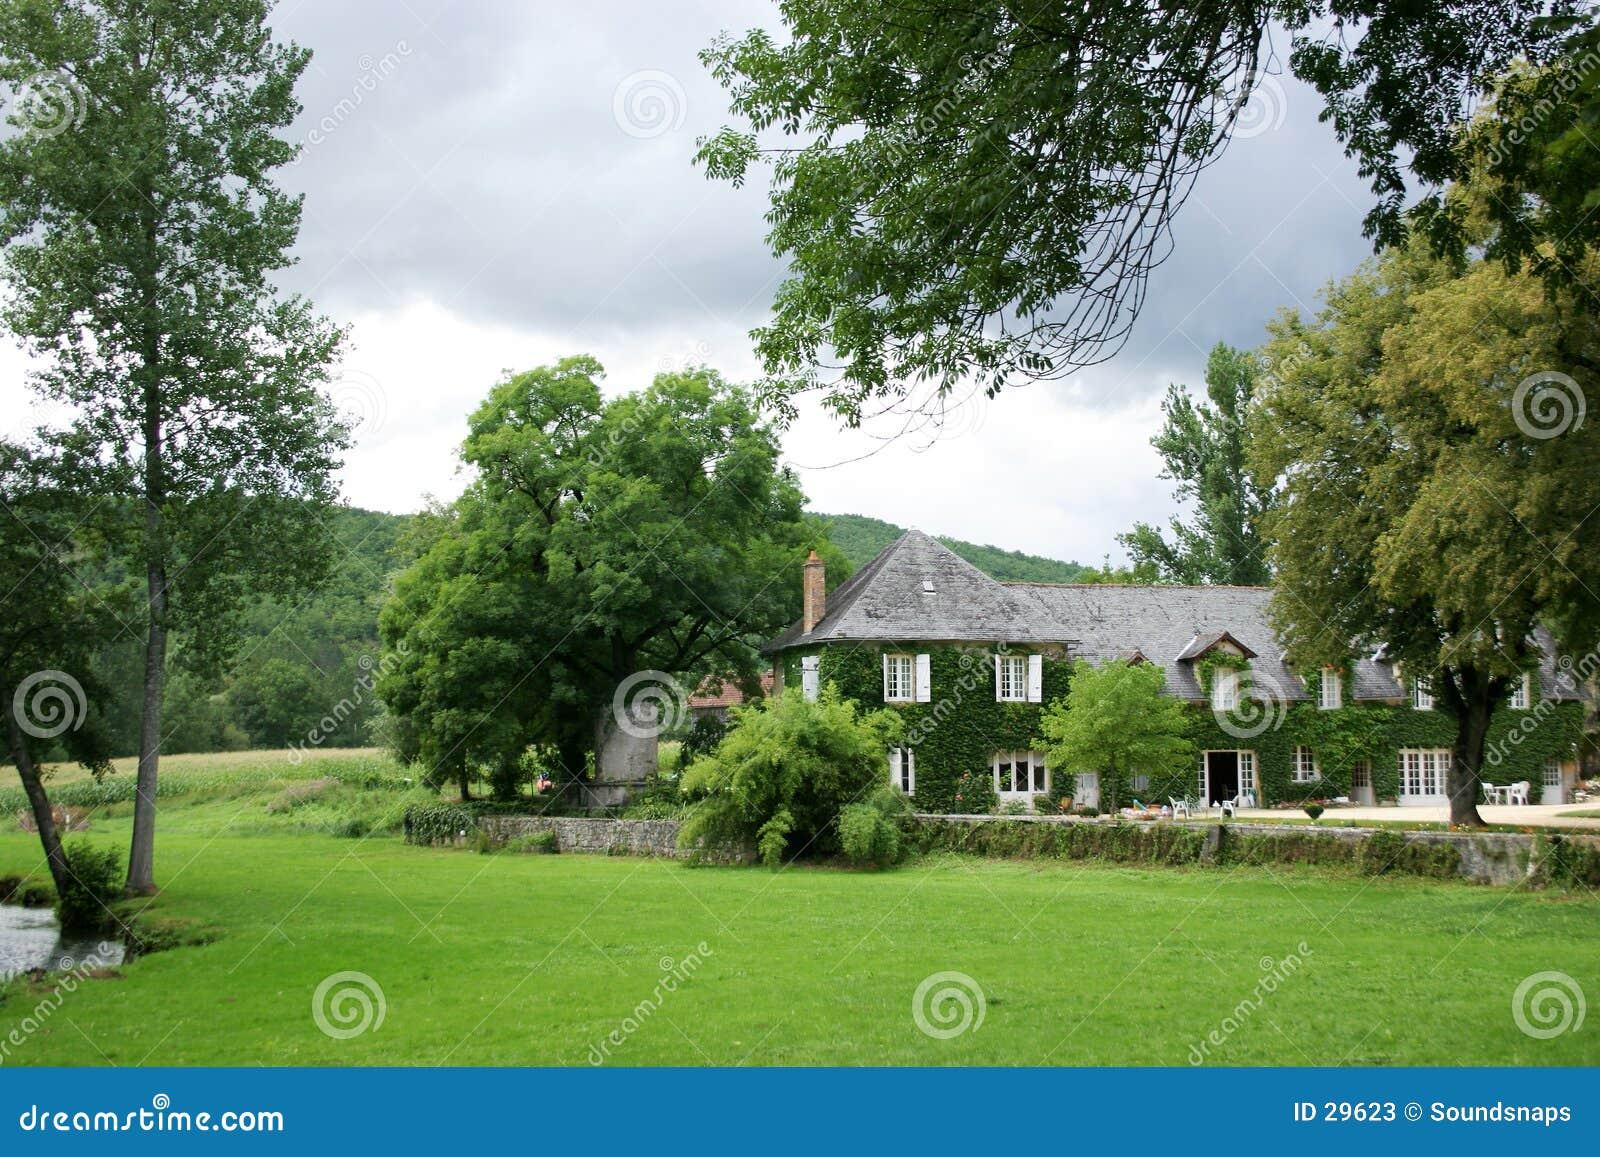 Download Casa En Jardín Del País Detrás De árboles Imagen de archivo - Imagen de tormenta, hiedra: 29623